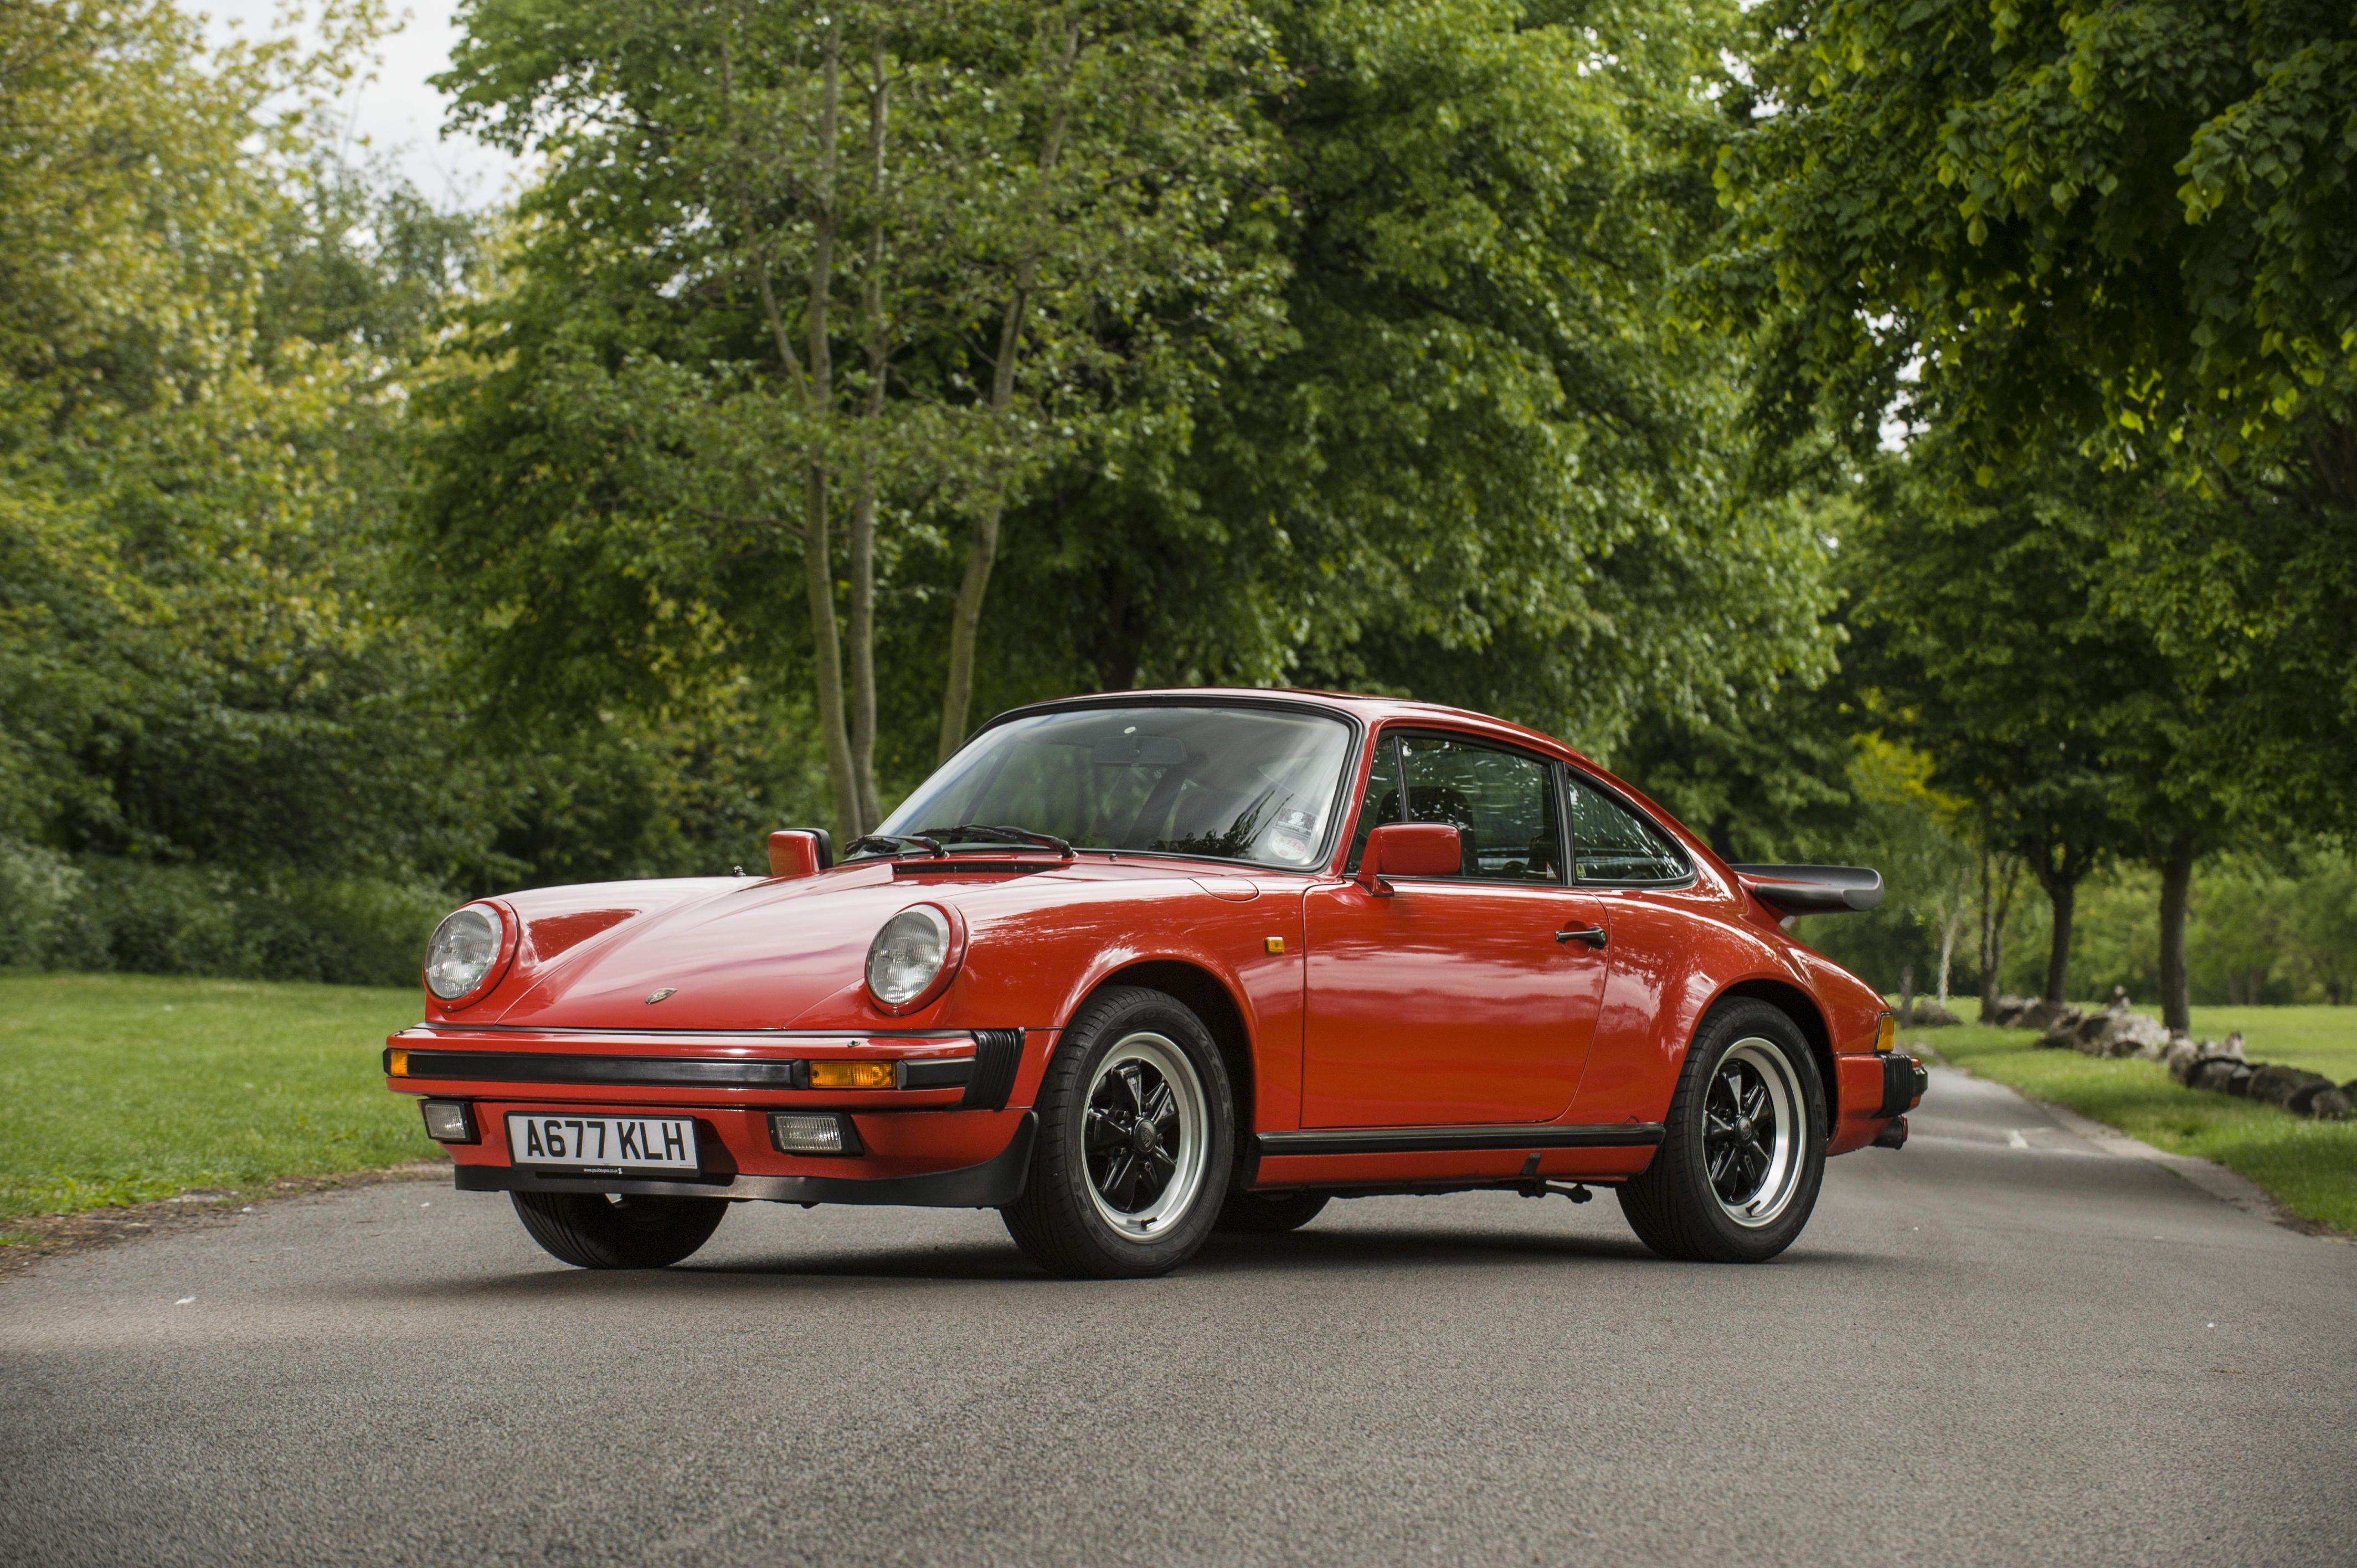 Next Gen Porsche 911 To Get Hybrid Drivetrain Porsche 911 Porsche 911 Porsche Porsche 911 For Sale